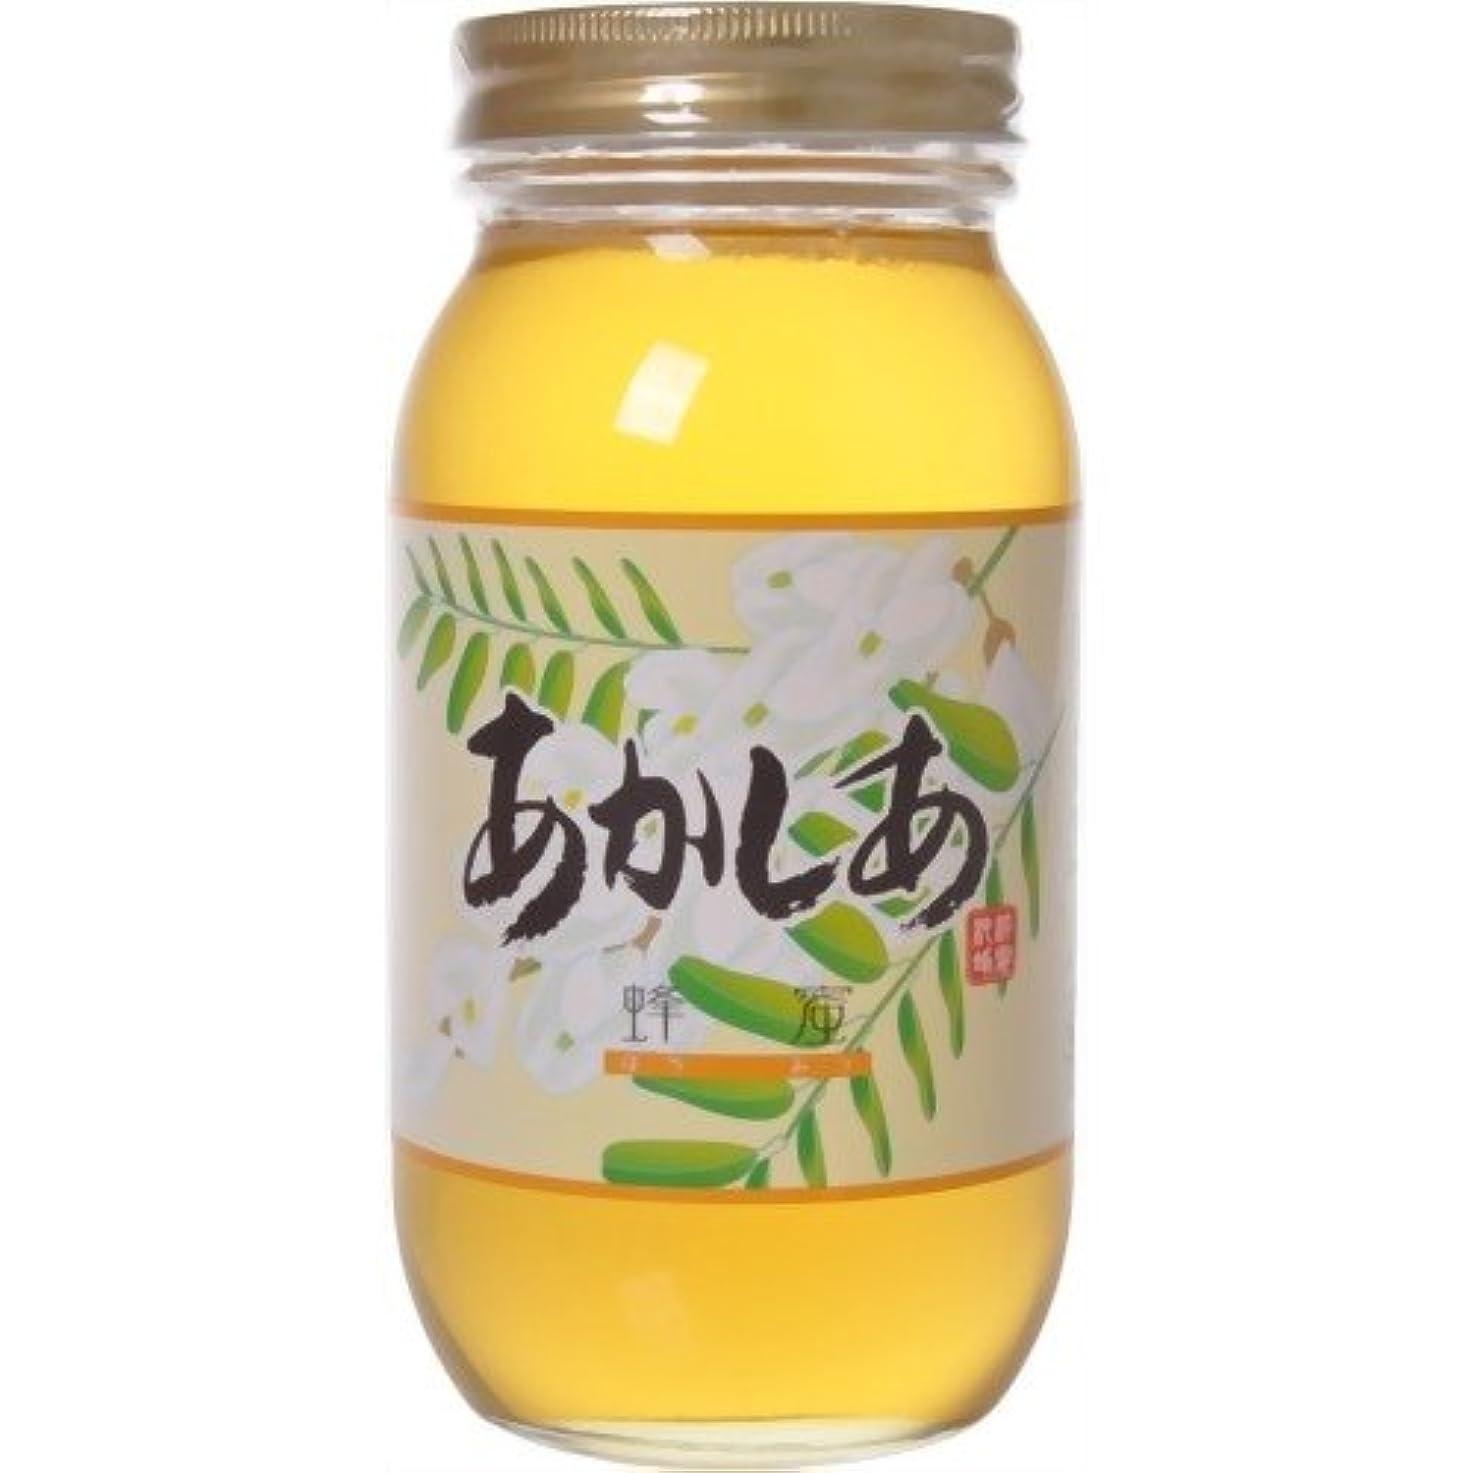 冷凍庫内側透けて見える藤井養蜂場 中国産アカシアはちみつ 1kg